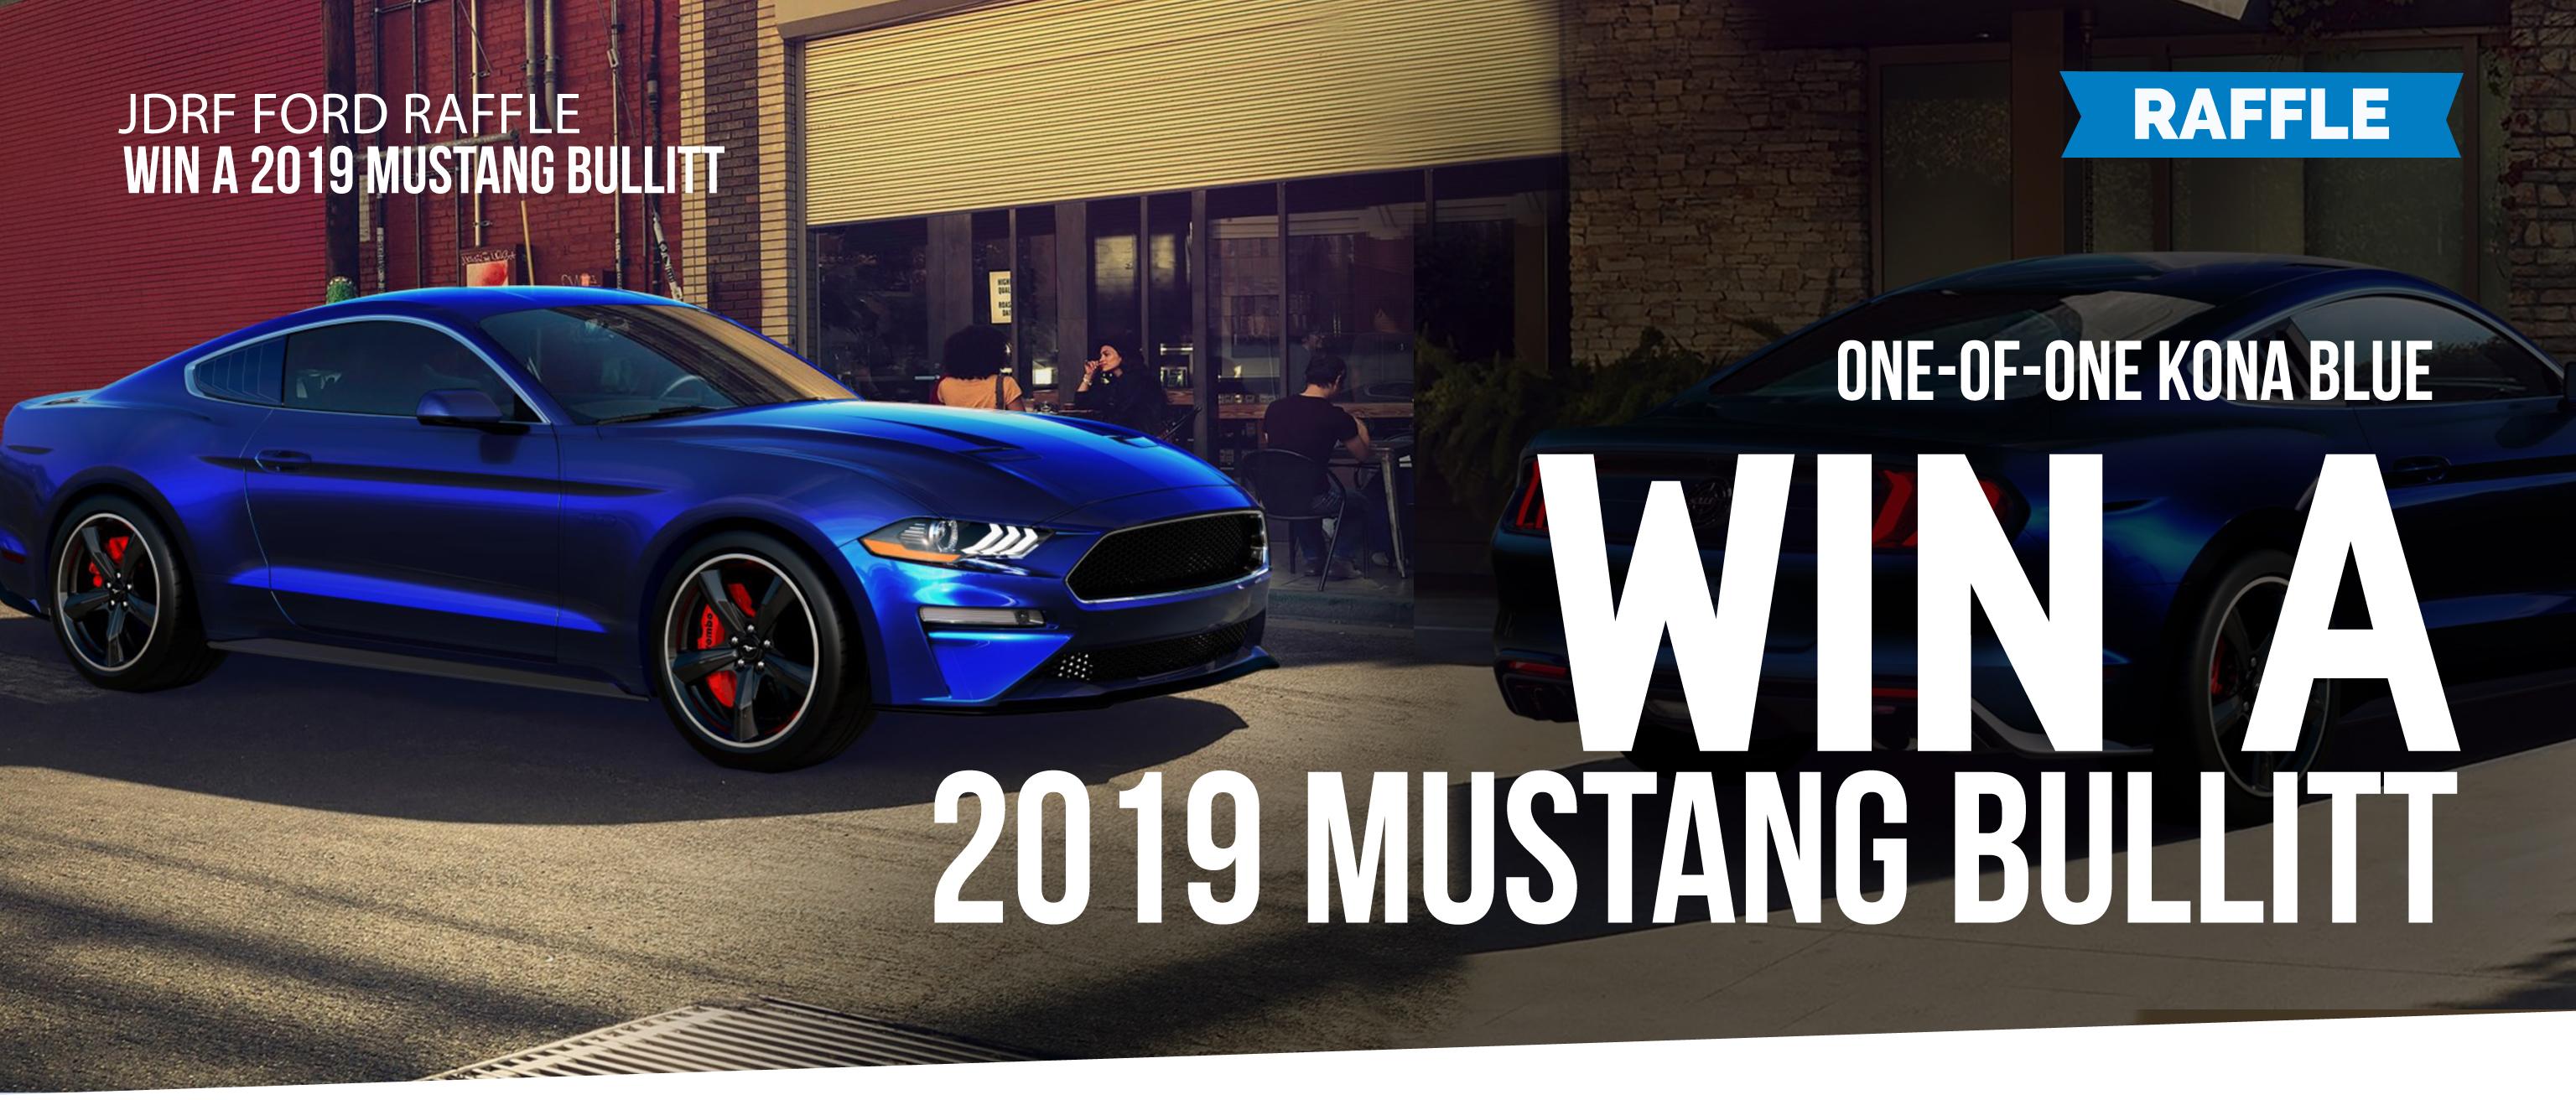 Win a 2019 Mustang Bullitt